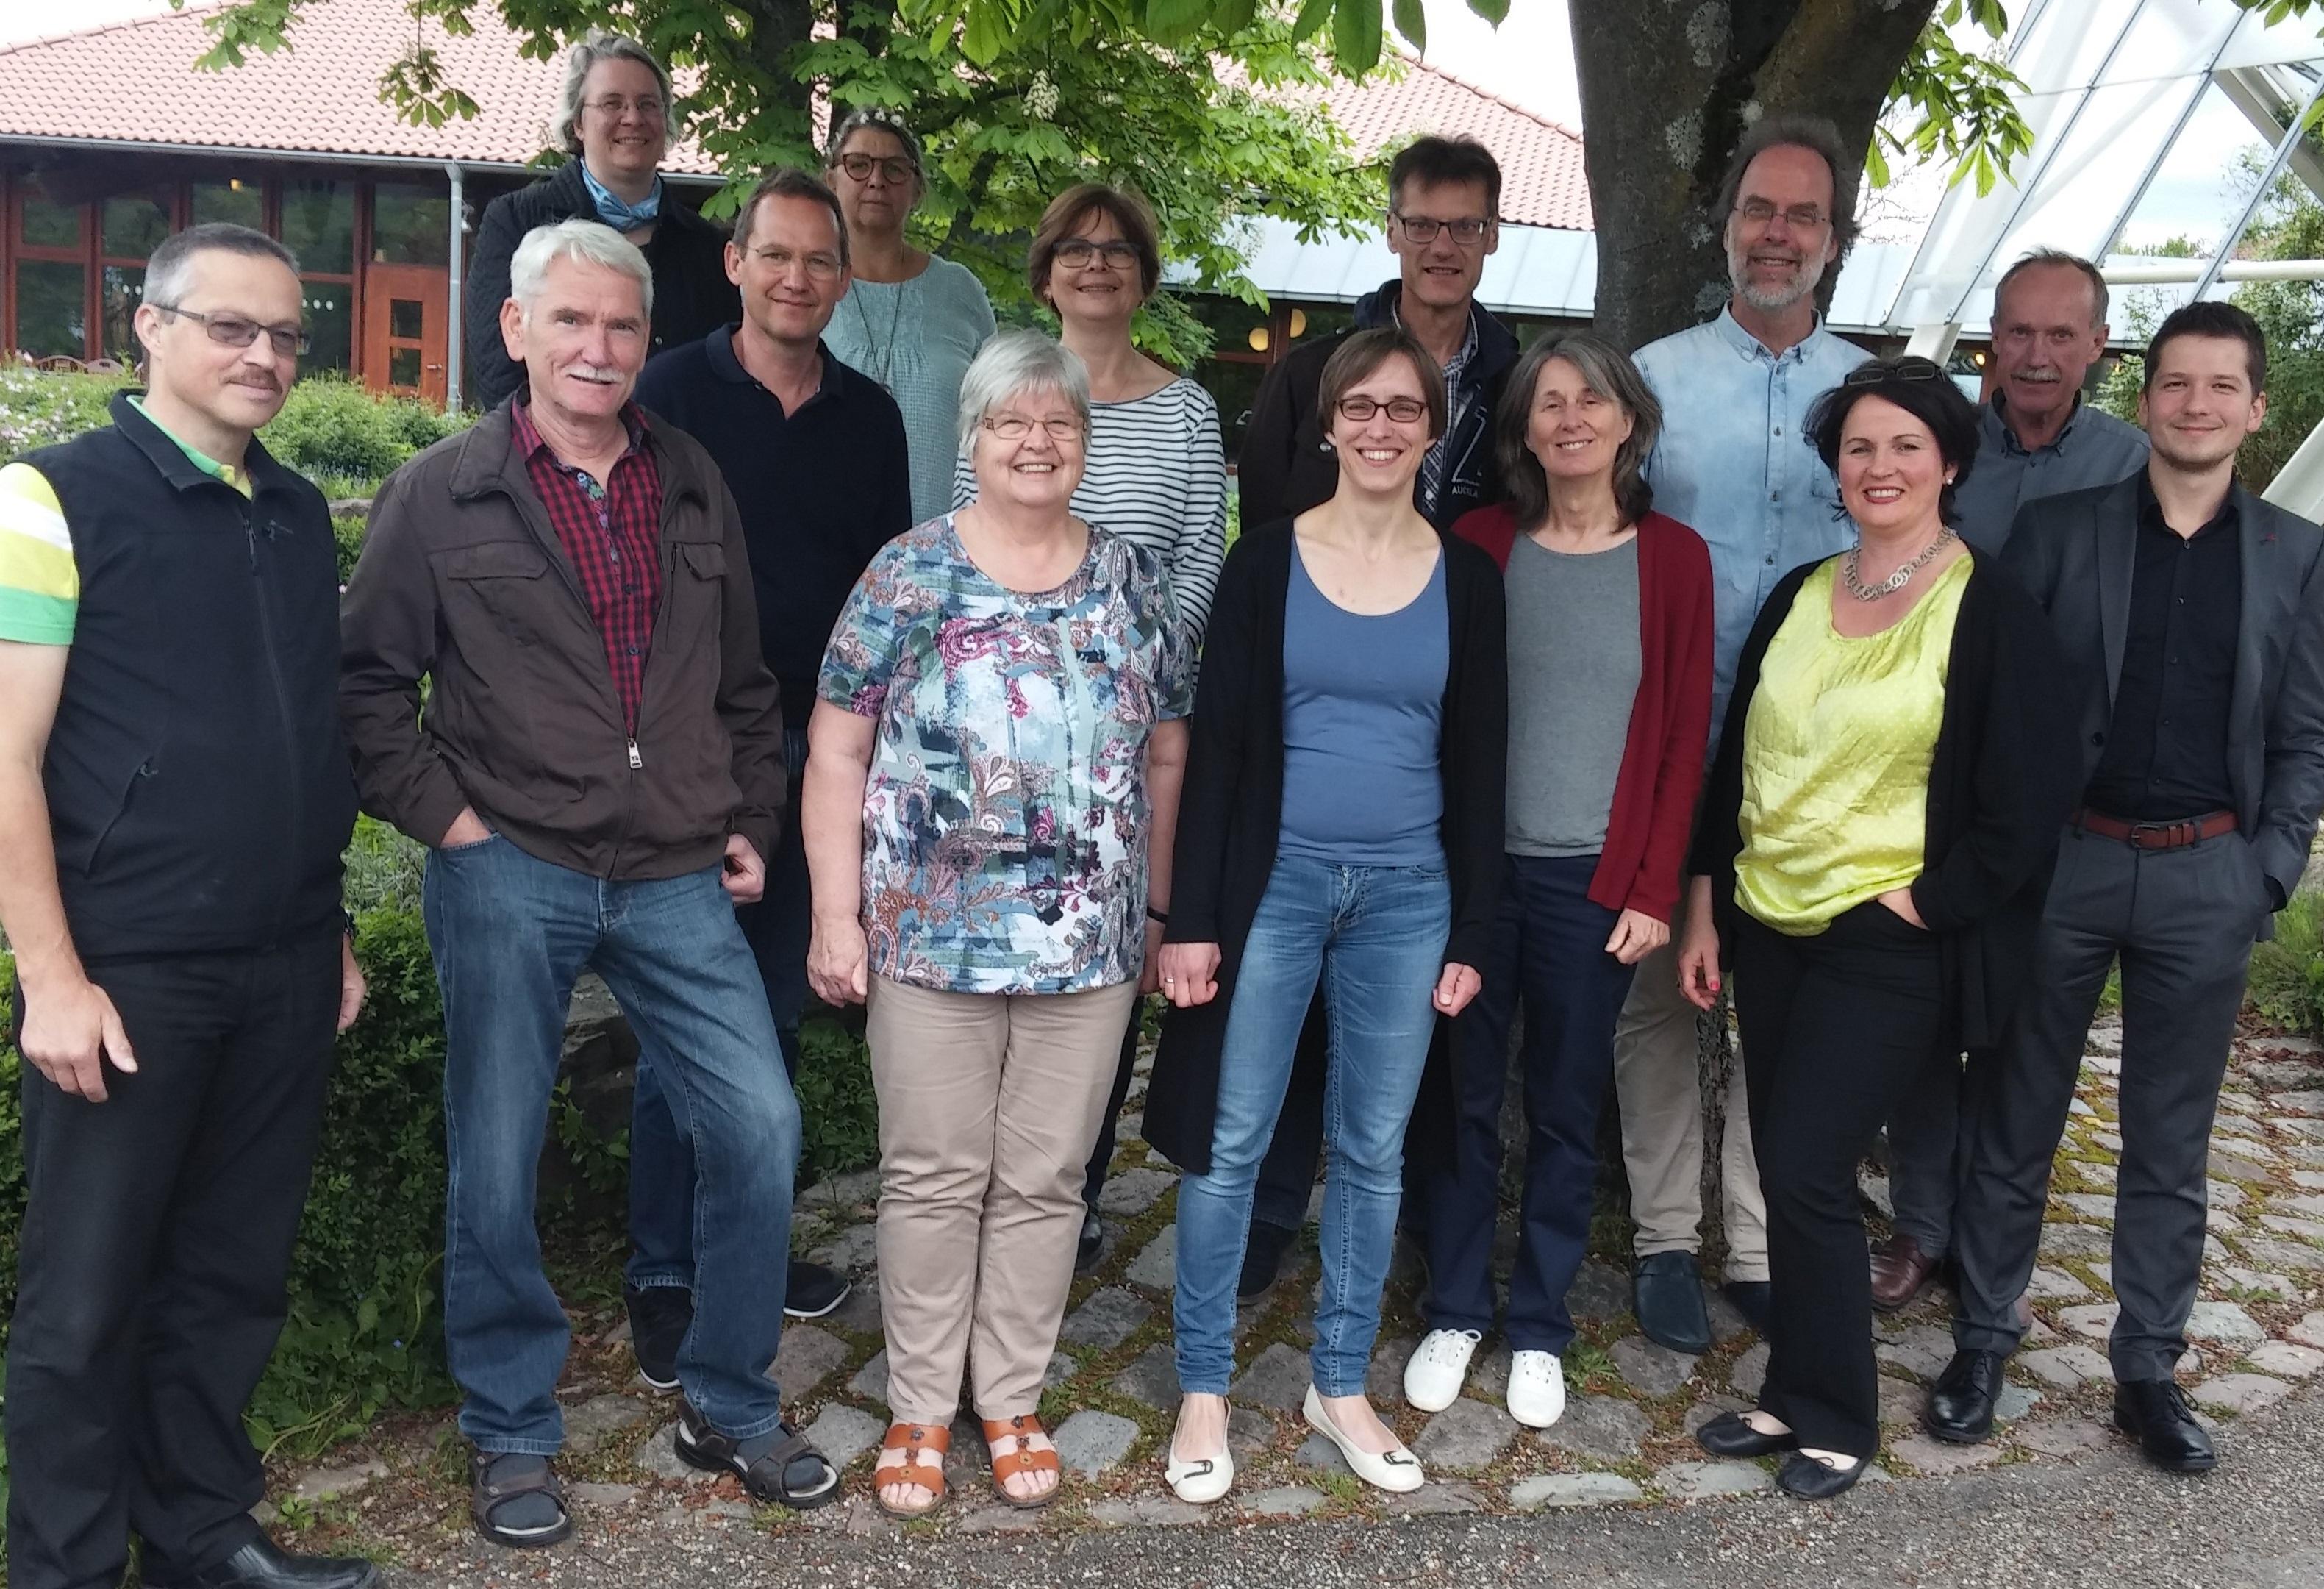 Dr Sigel Sindelfingen kirchengemeinderat evangelische kirchengemeinde sindelfingen